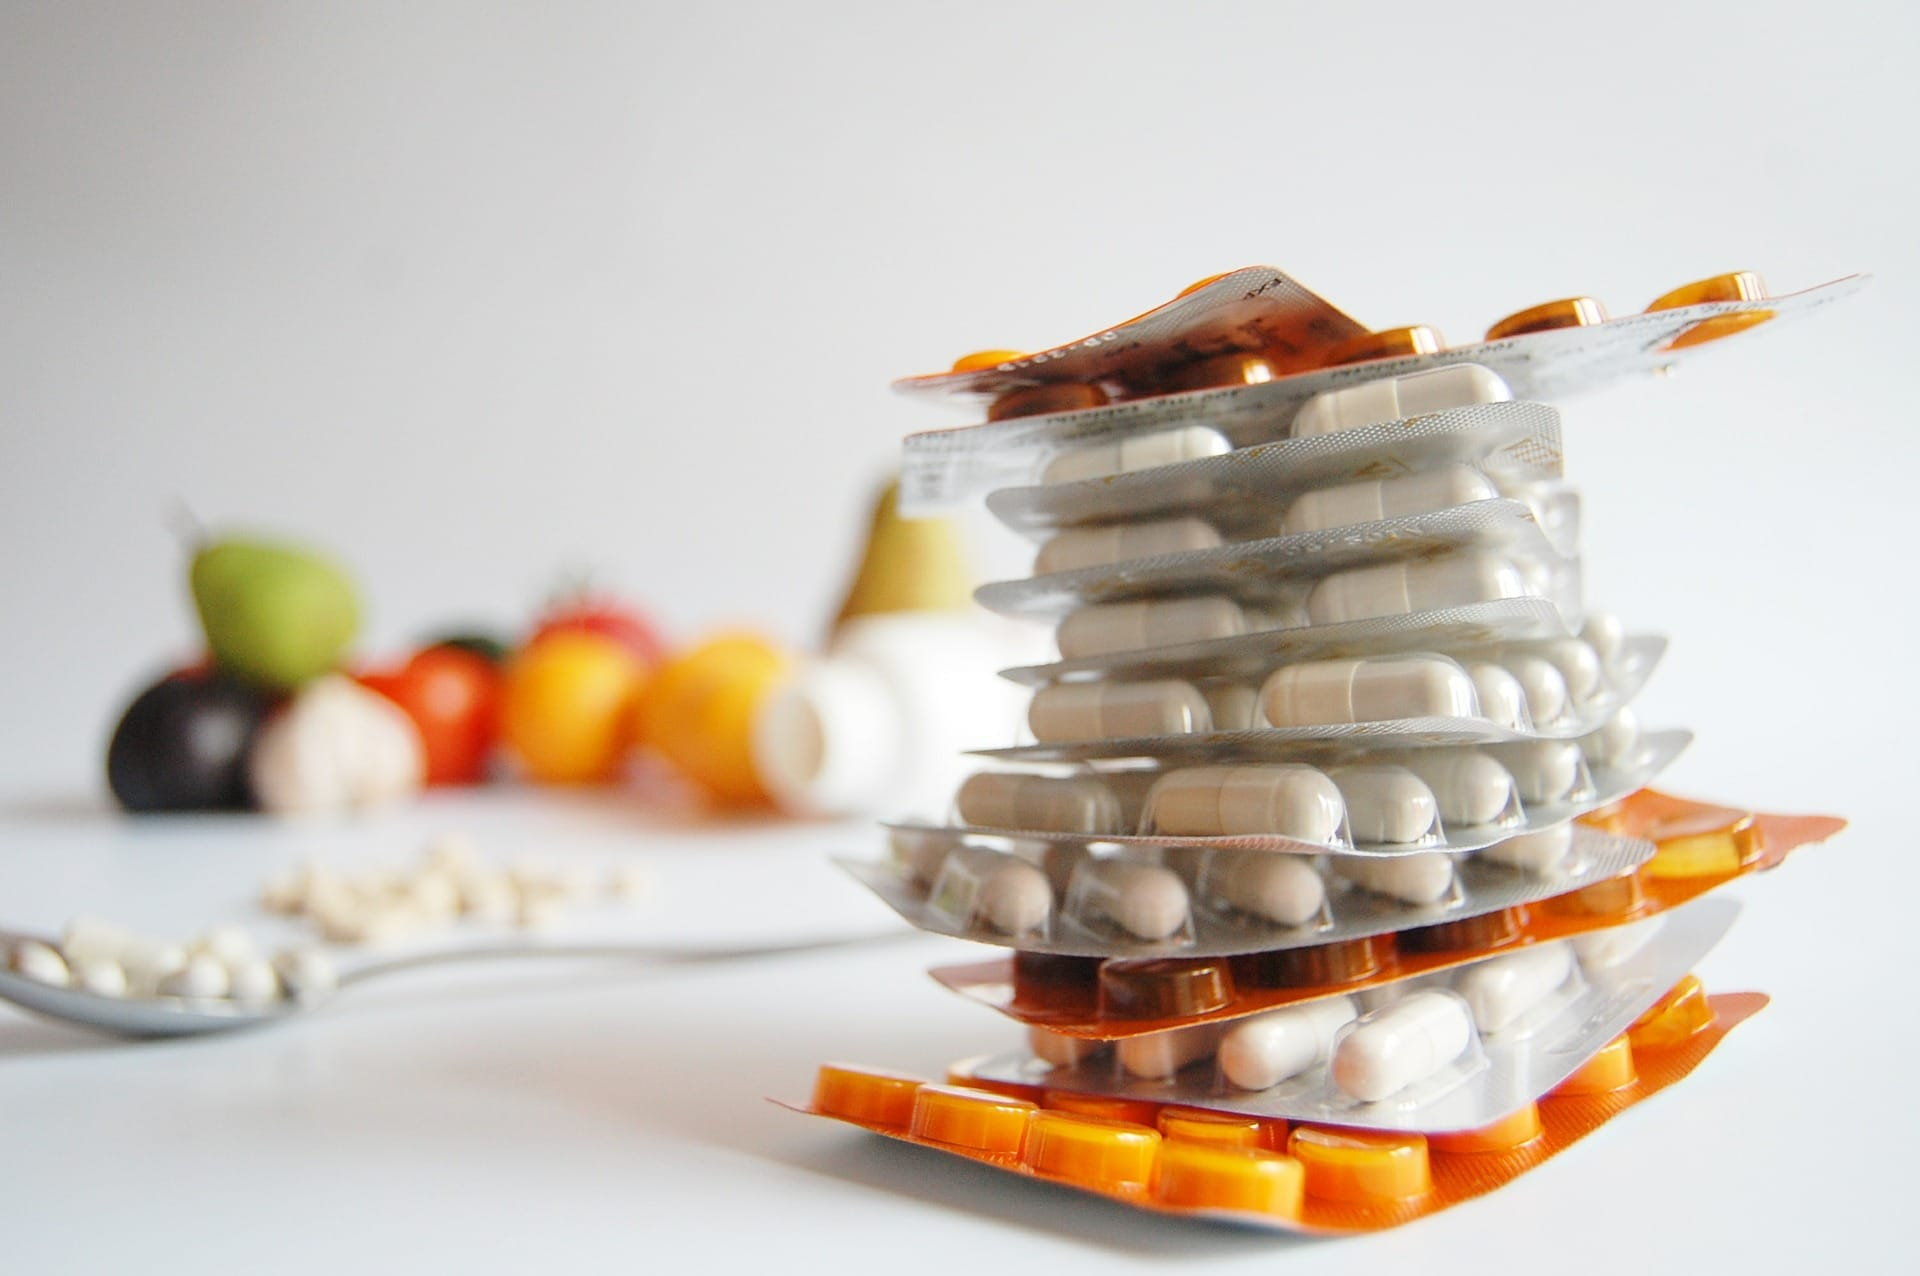 Merislon-antihistamine